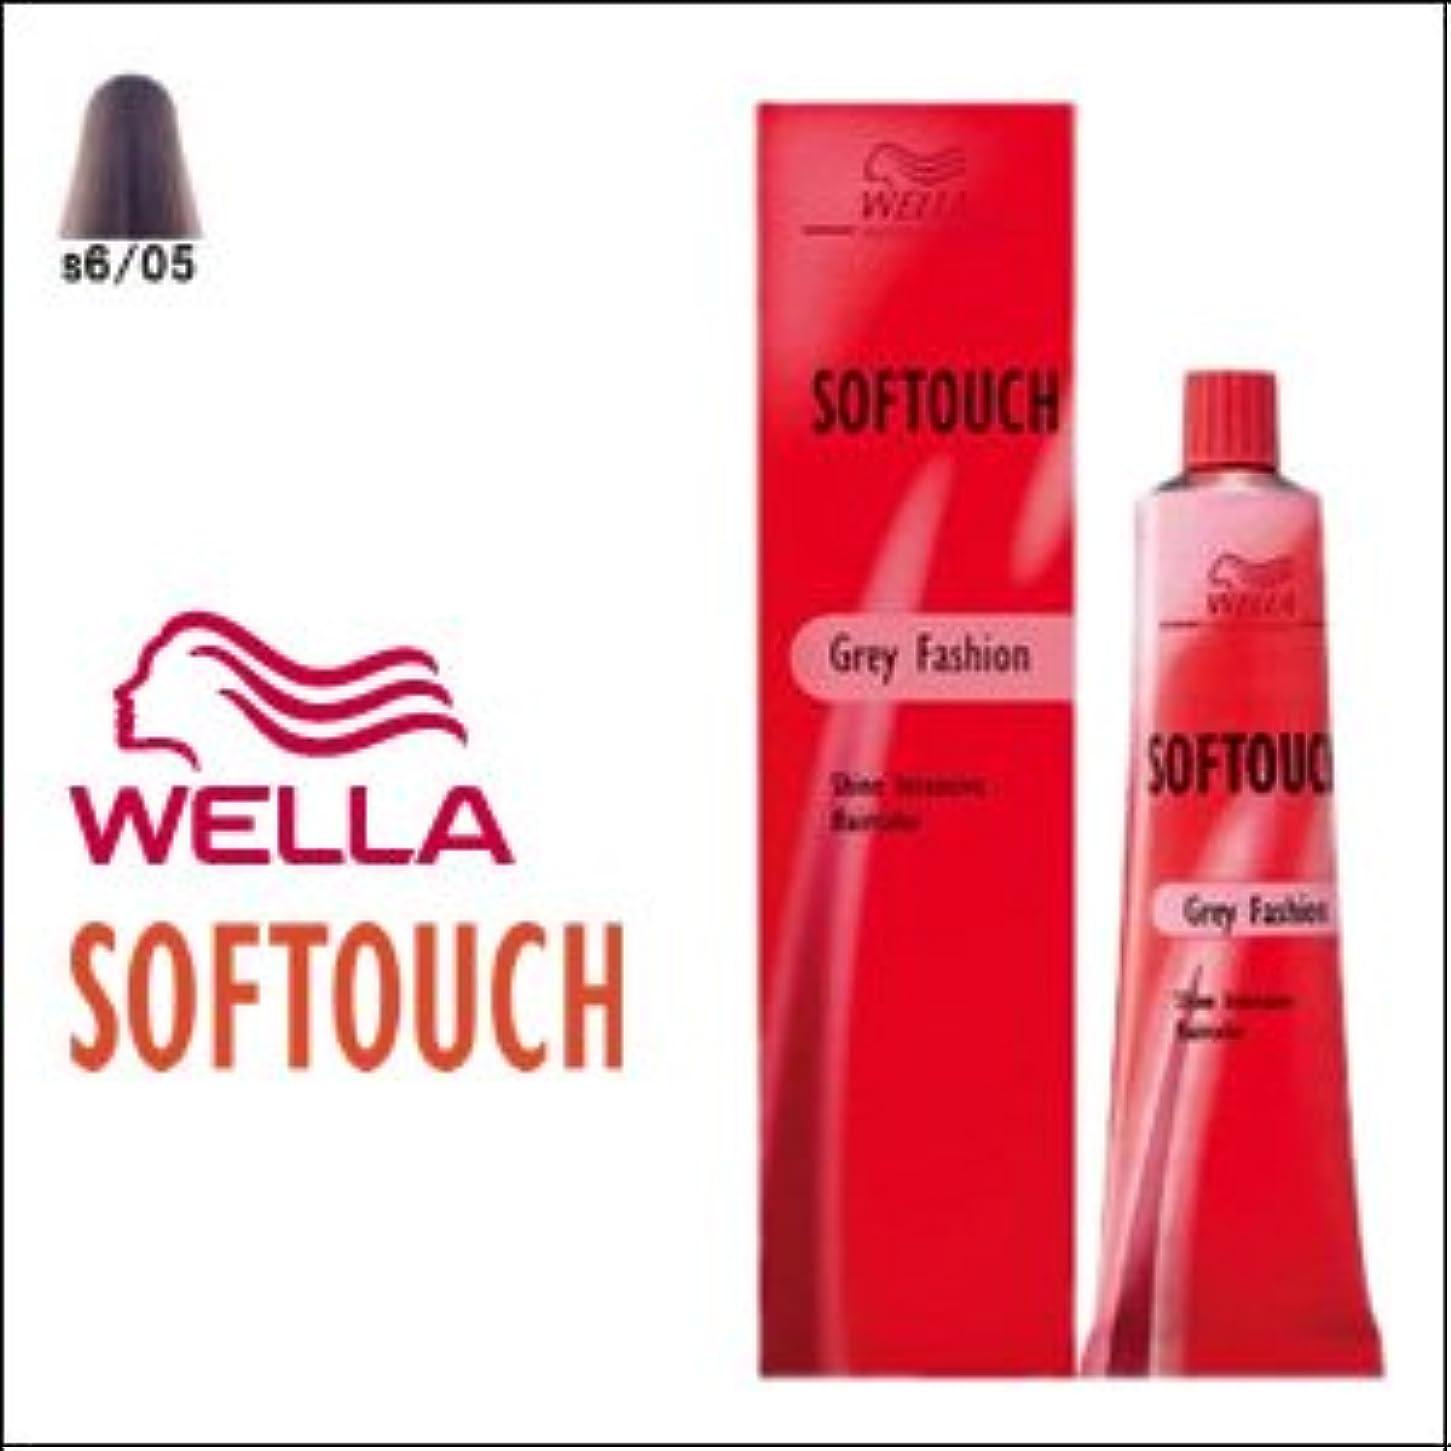 バトル複合方程式ウエラ ヘアカラー ソフタッチ S6/05 60g